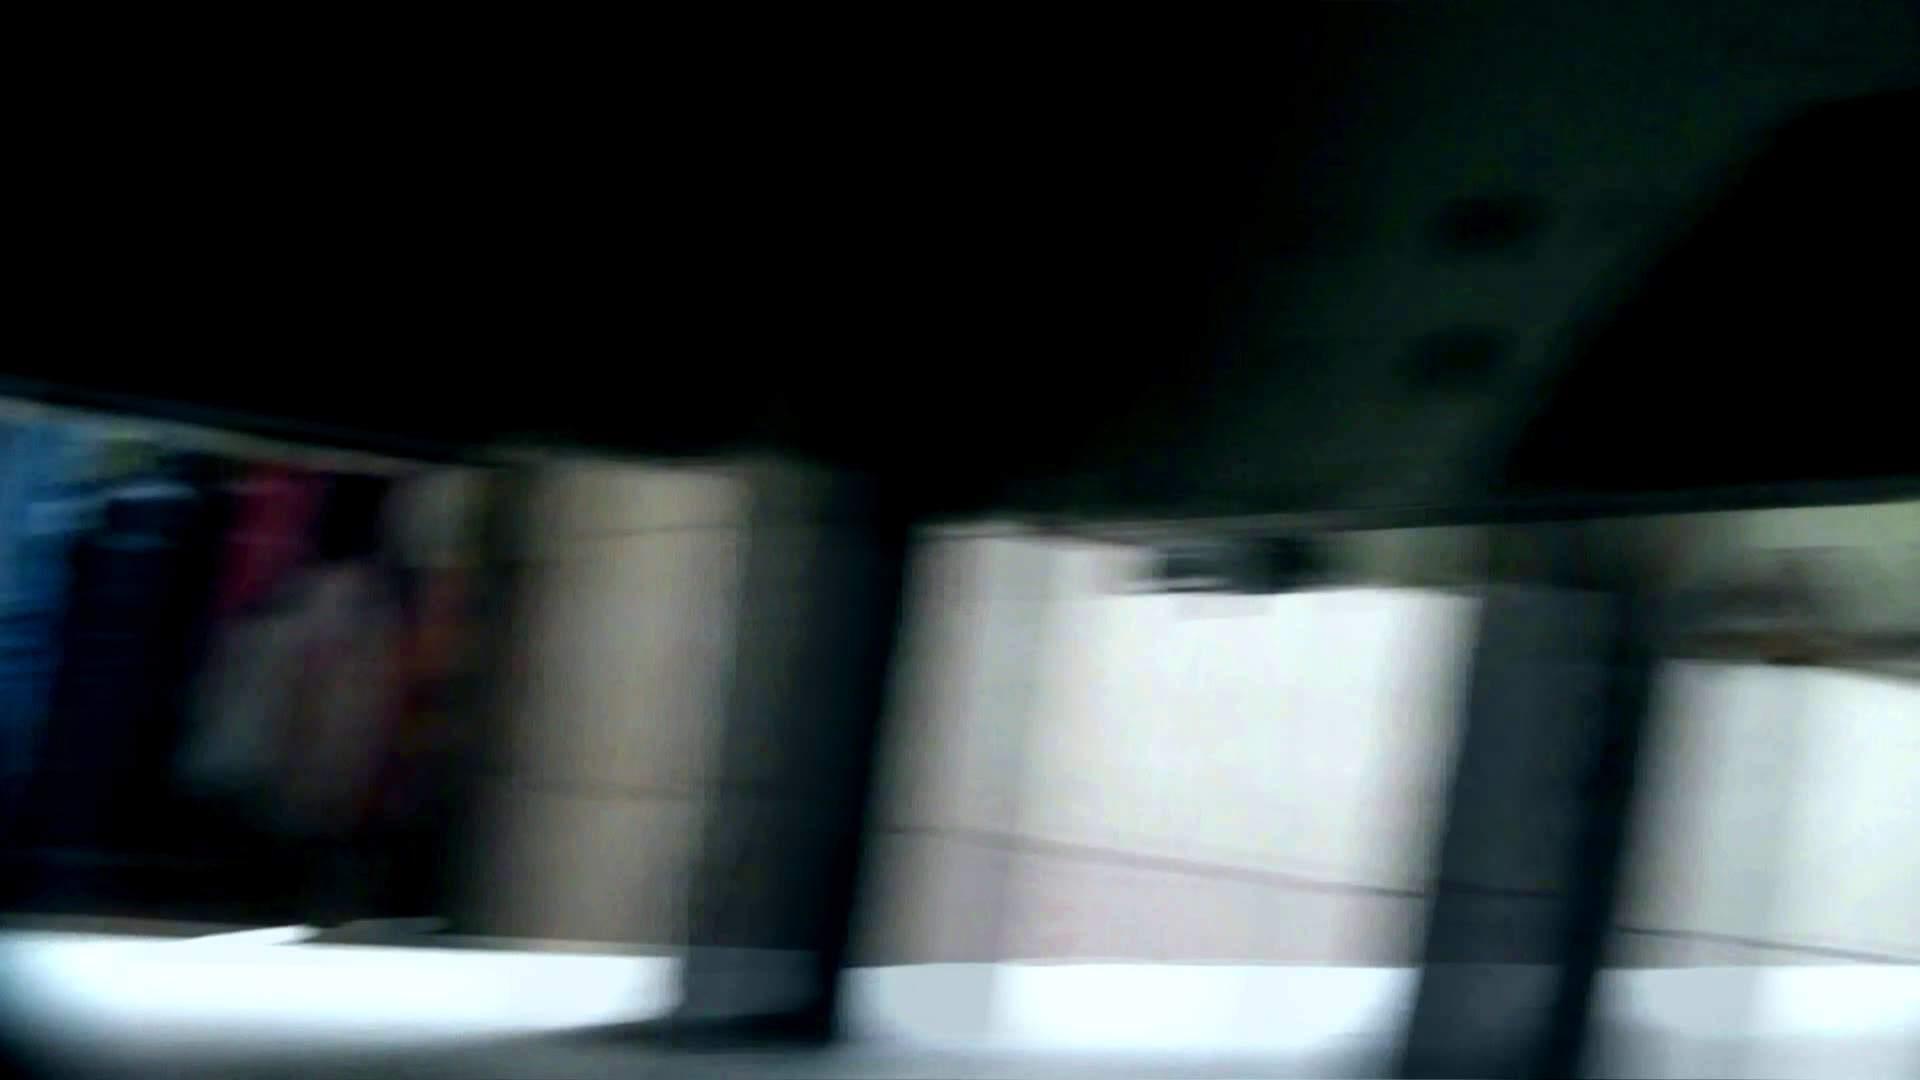 ステーション編 vol.36 無料動画に登場したトップクラスモデル本番へ 美しいモデル   エッチすぎるOL達  87連発 11